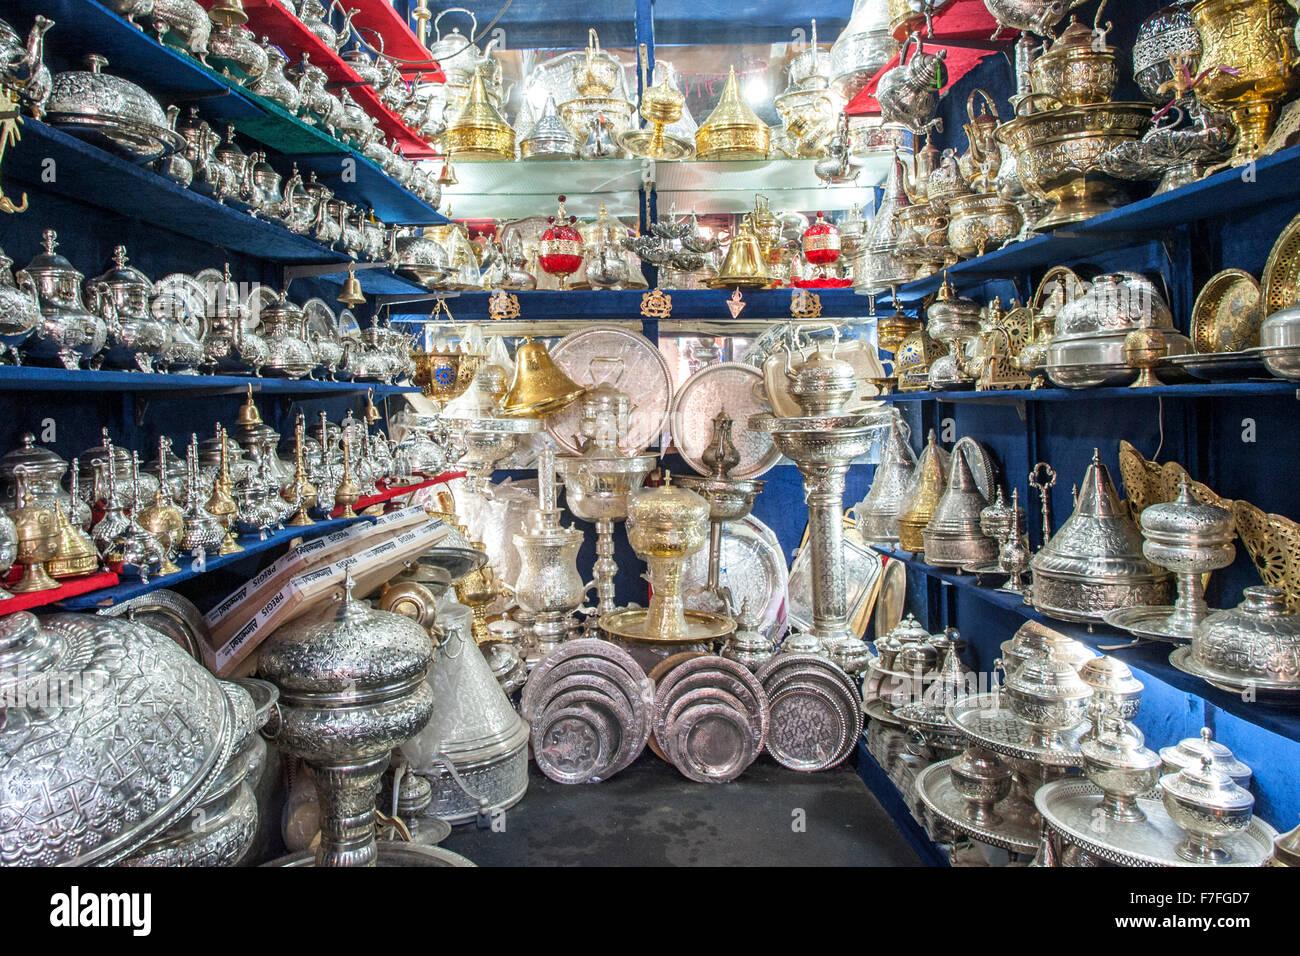 Besteck für den Verkauf in den Souk in Marrakesch, Marokko. Stockbild